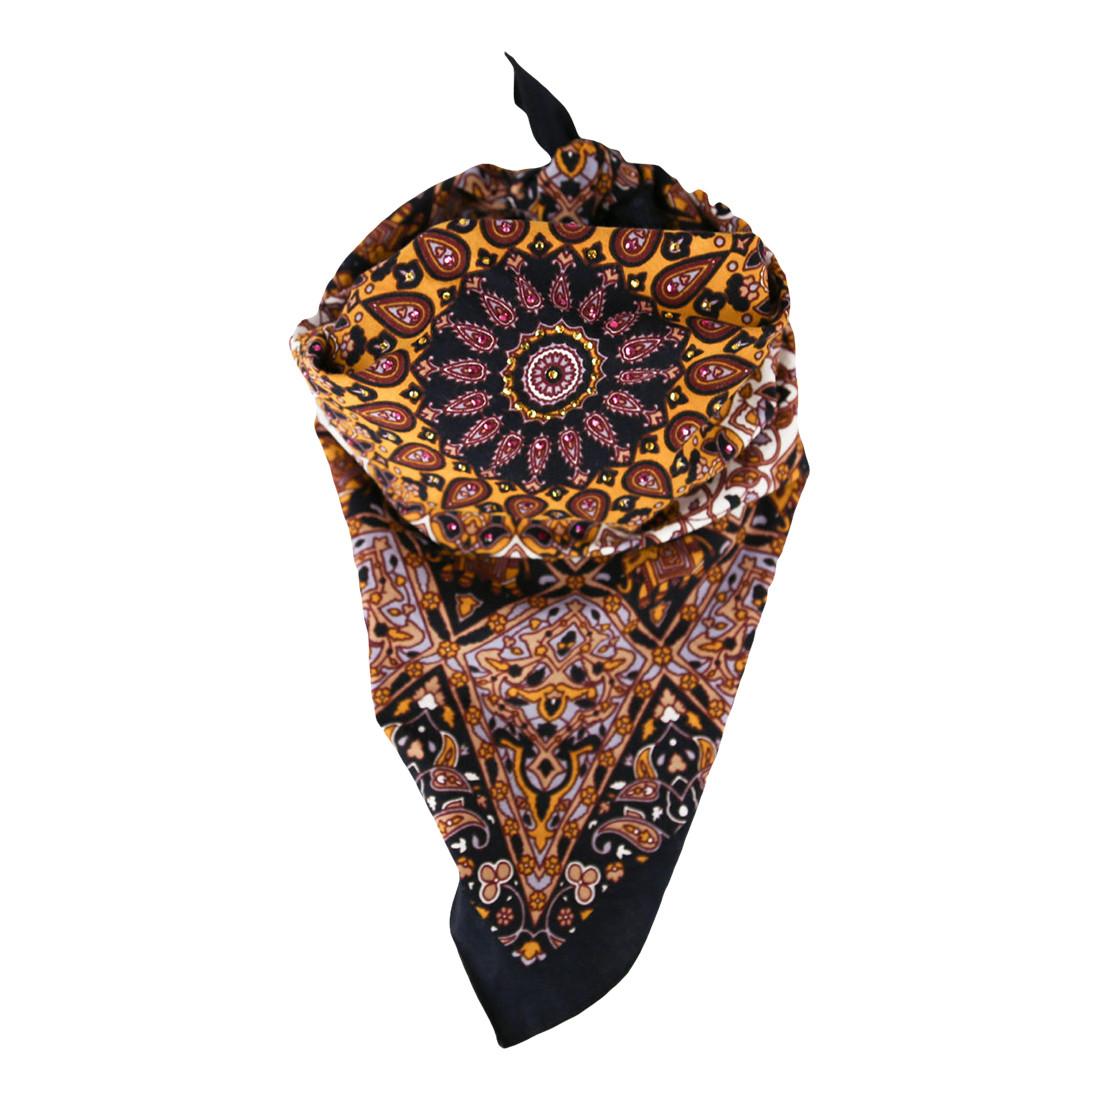 Swarovski Crystal India Star #9 Bandana